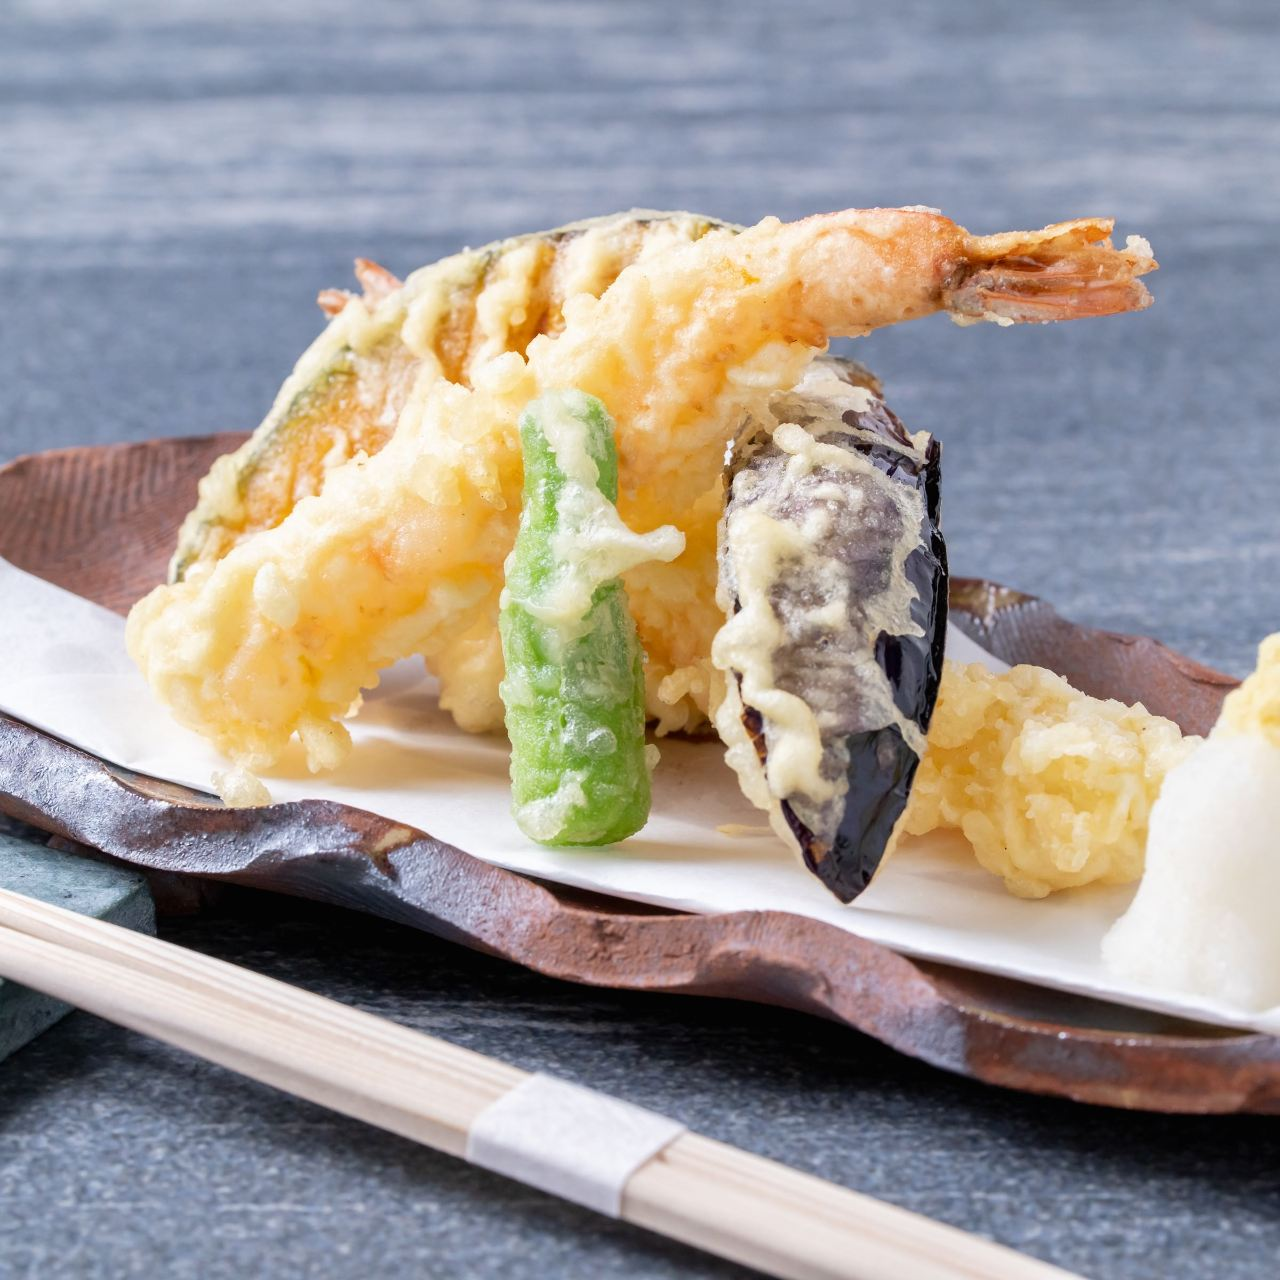 お酒のお供にお薦めの一品 「天ぷら盛り合わせ」